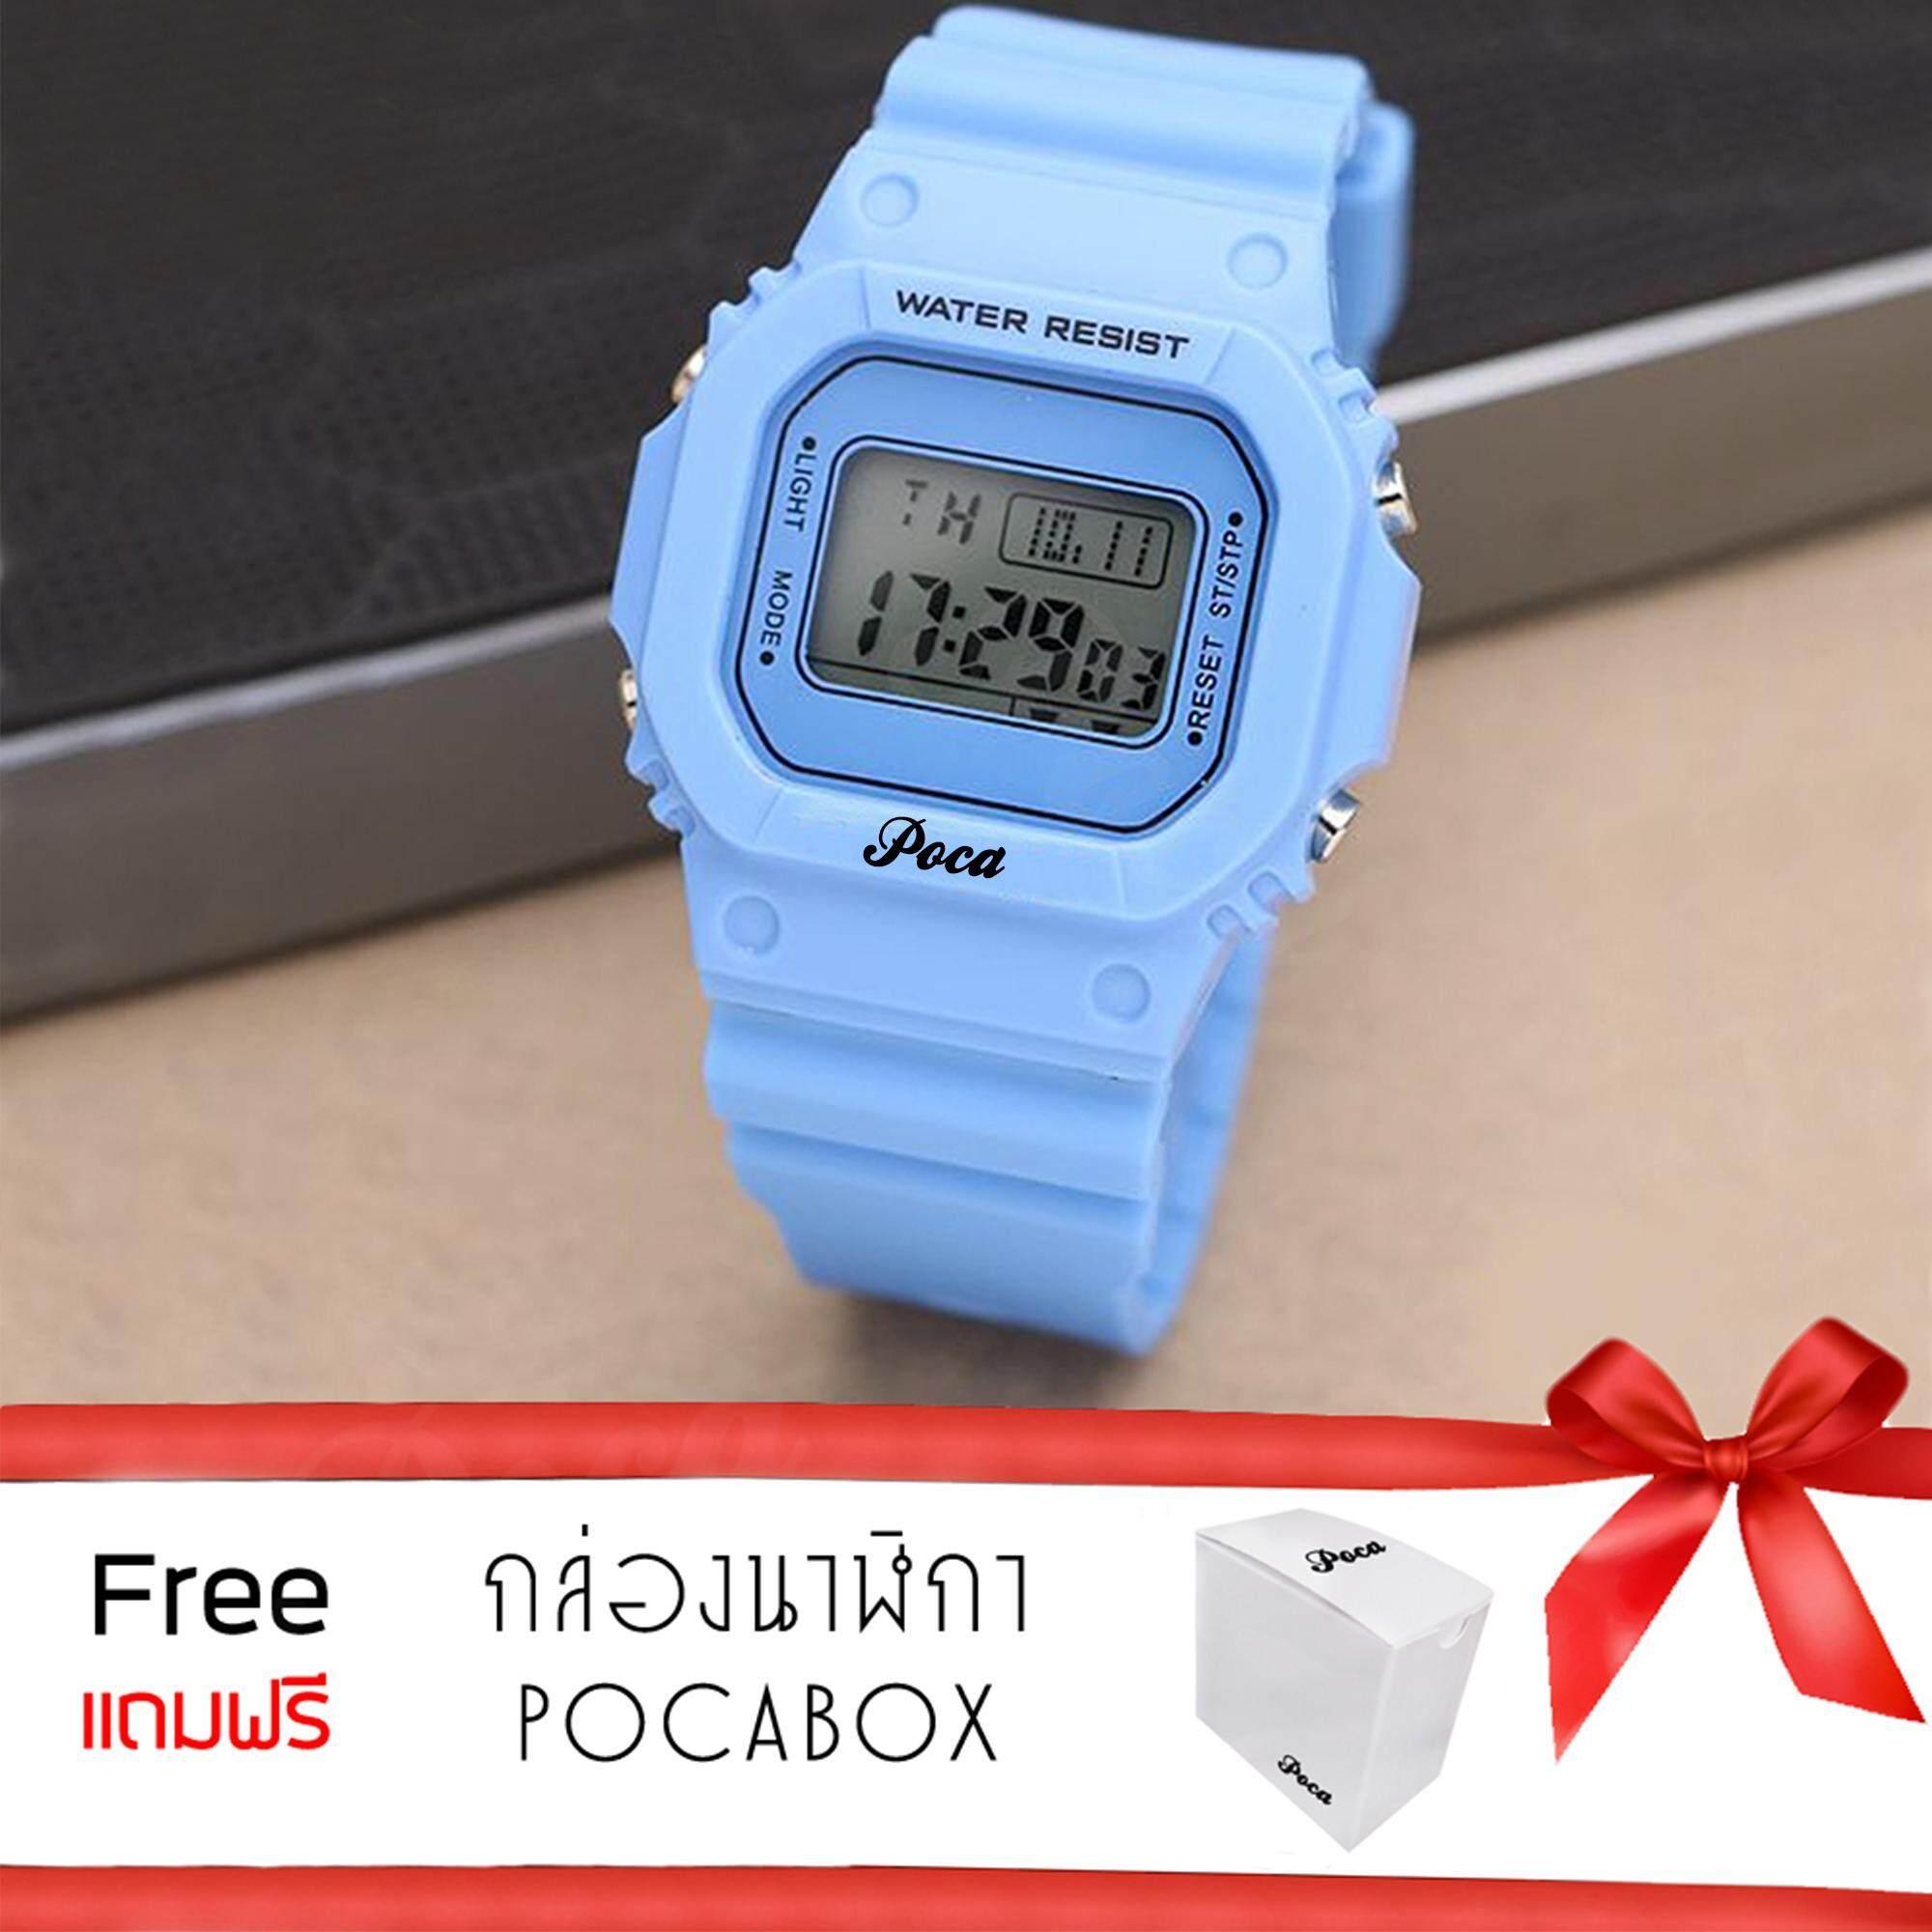 Poca Watch Piccy Sport นาฬิกาข้อมือแฟชั่นผู้หญิง-ผู้ชาย กันน้ำ  สายยางเรซิ่น รุ่น Sh-718blue แถมฟรีกล่อง Poca.